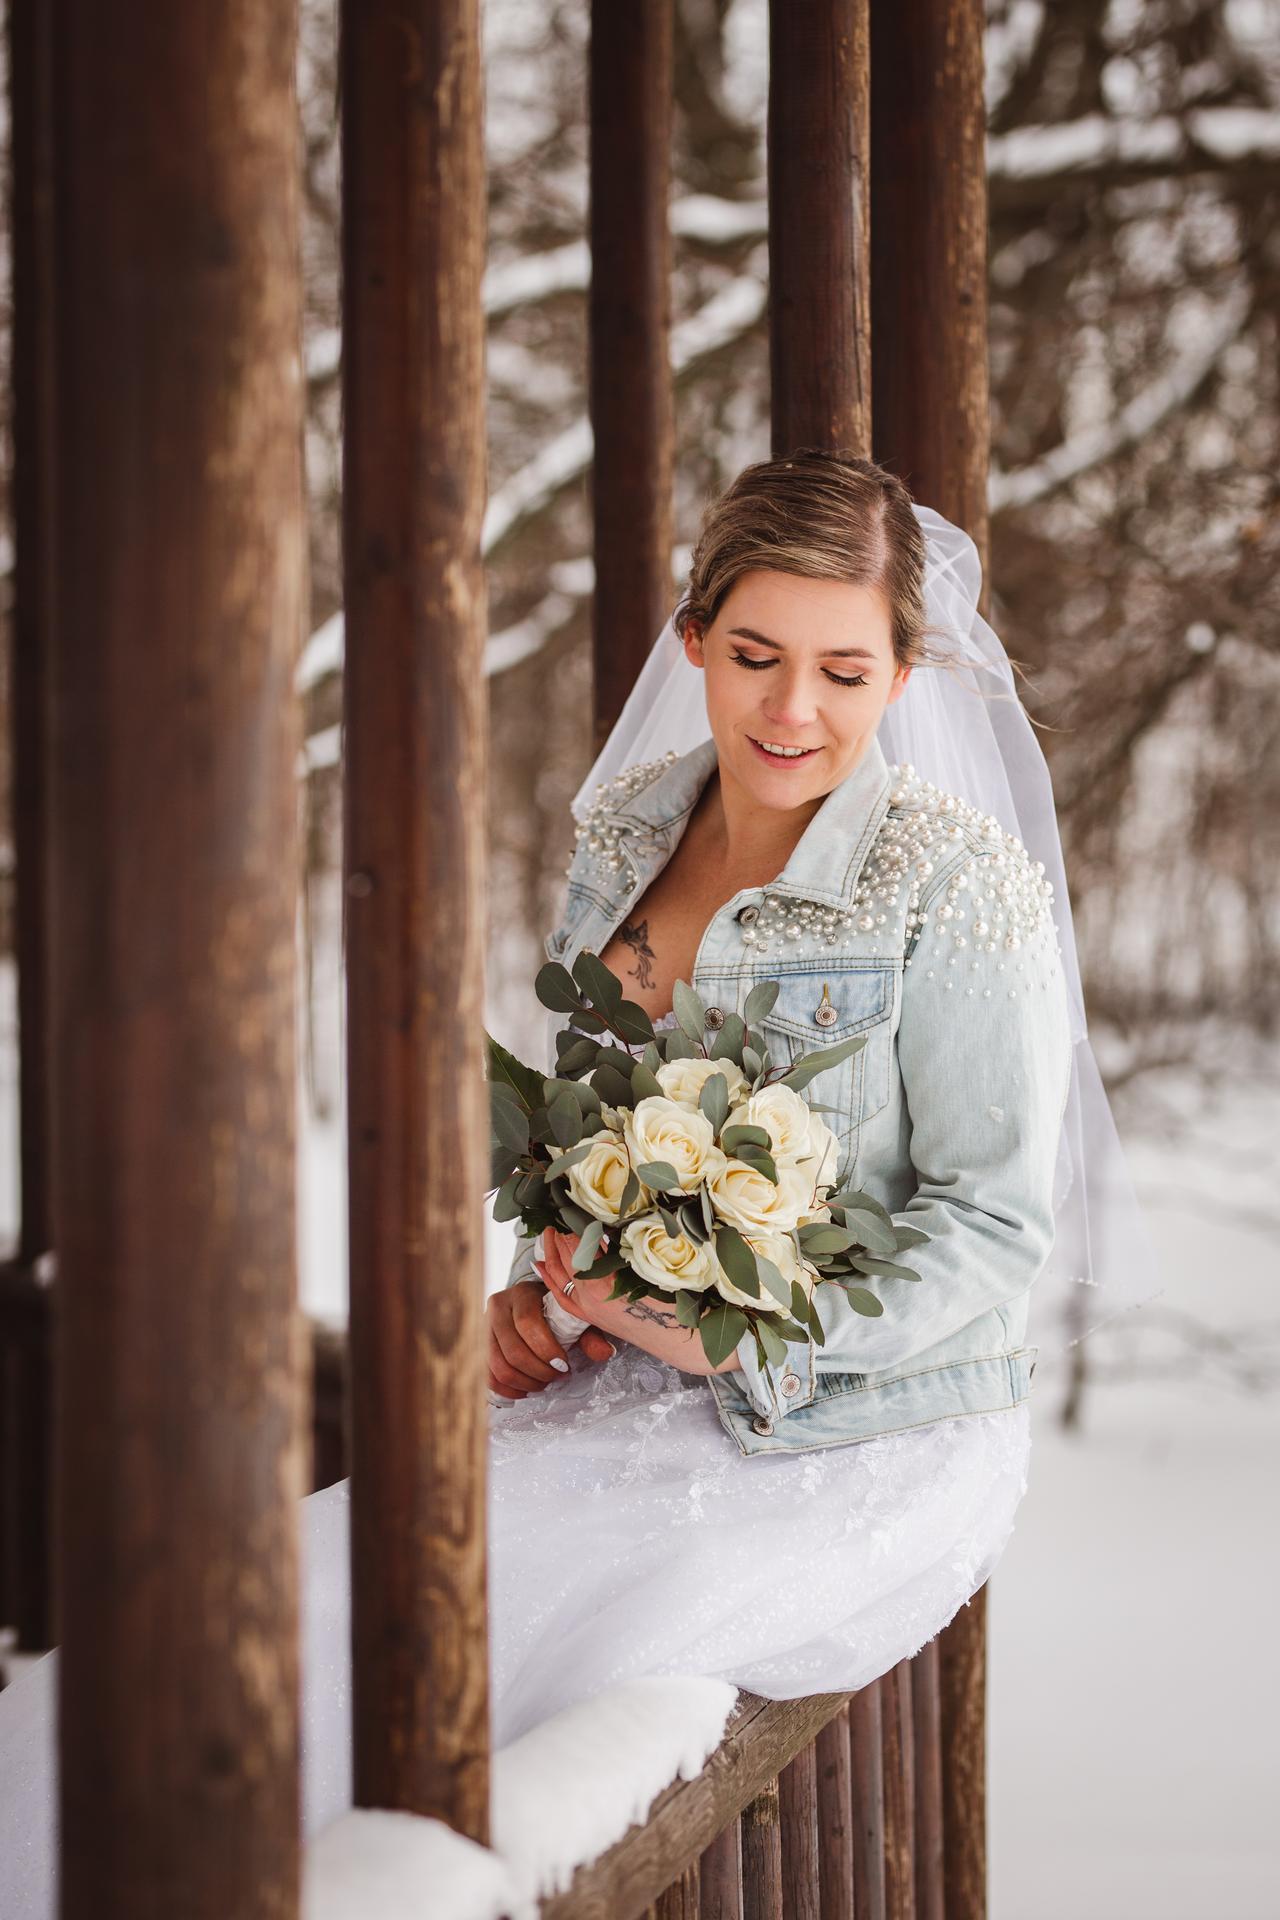 Ráda zachytím i vaši svatbu...volné termíny 2021 :) :)   Z letošní krásné zimní svatby... - Obrázek č. 3